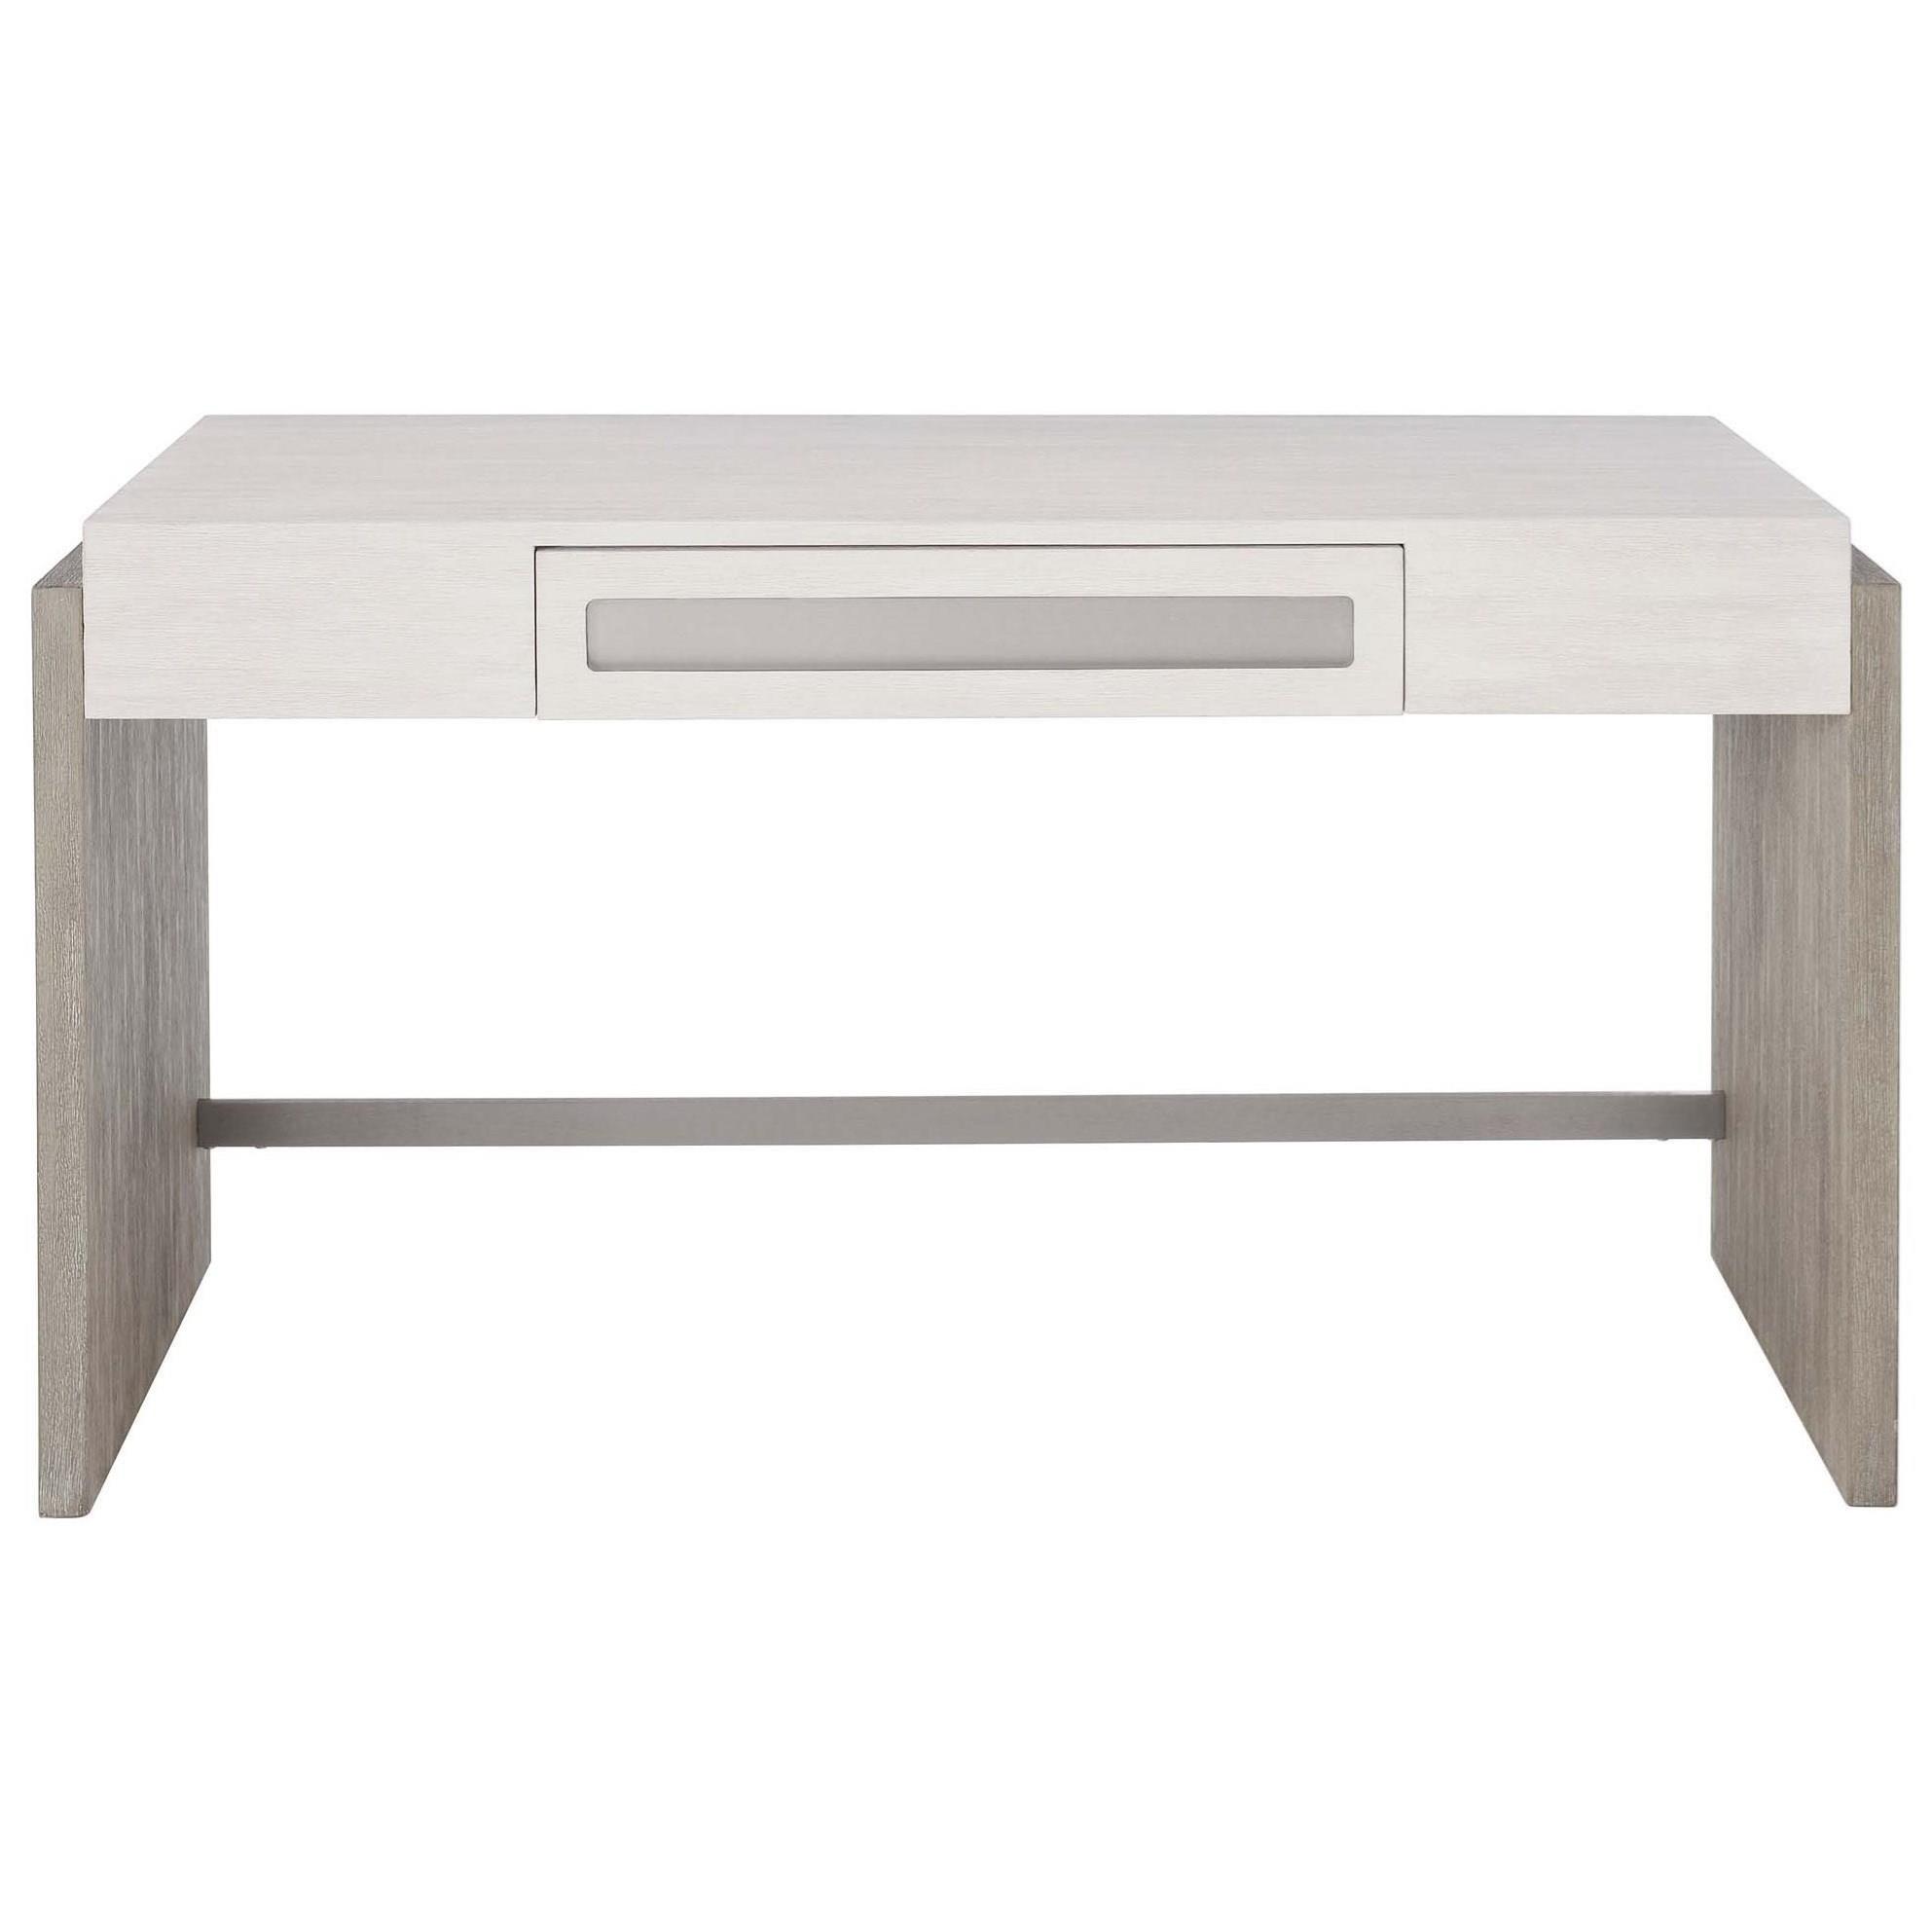 Foundations Desk by Bernhardt at Baer's Furniture